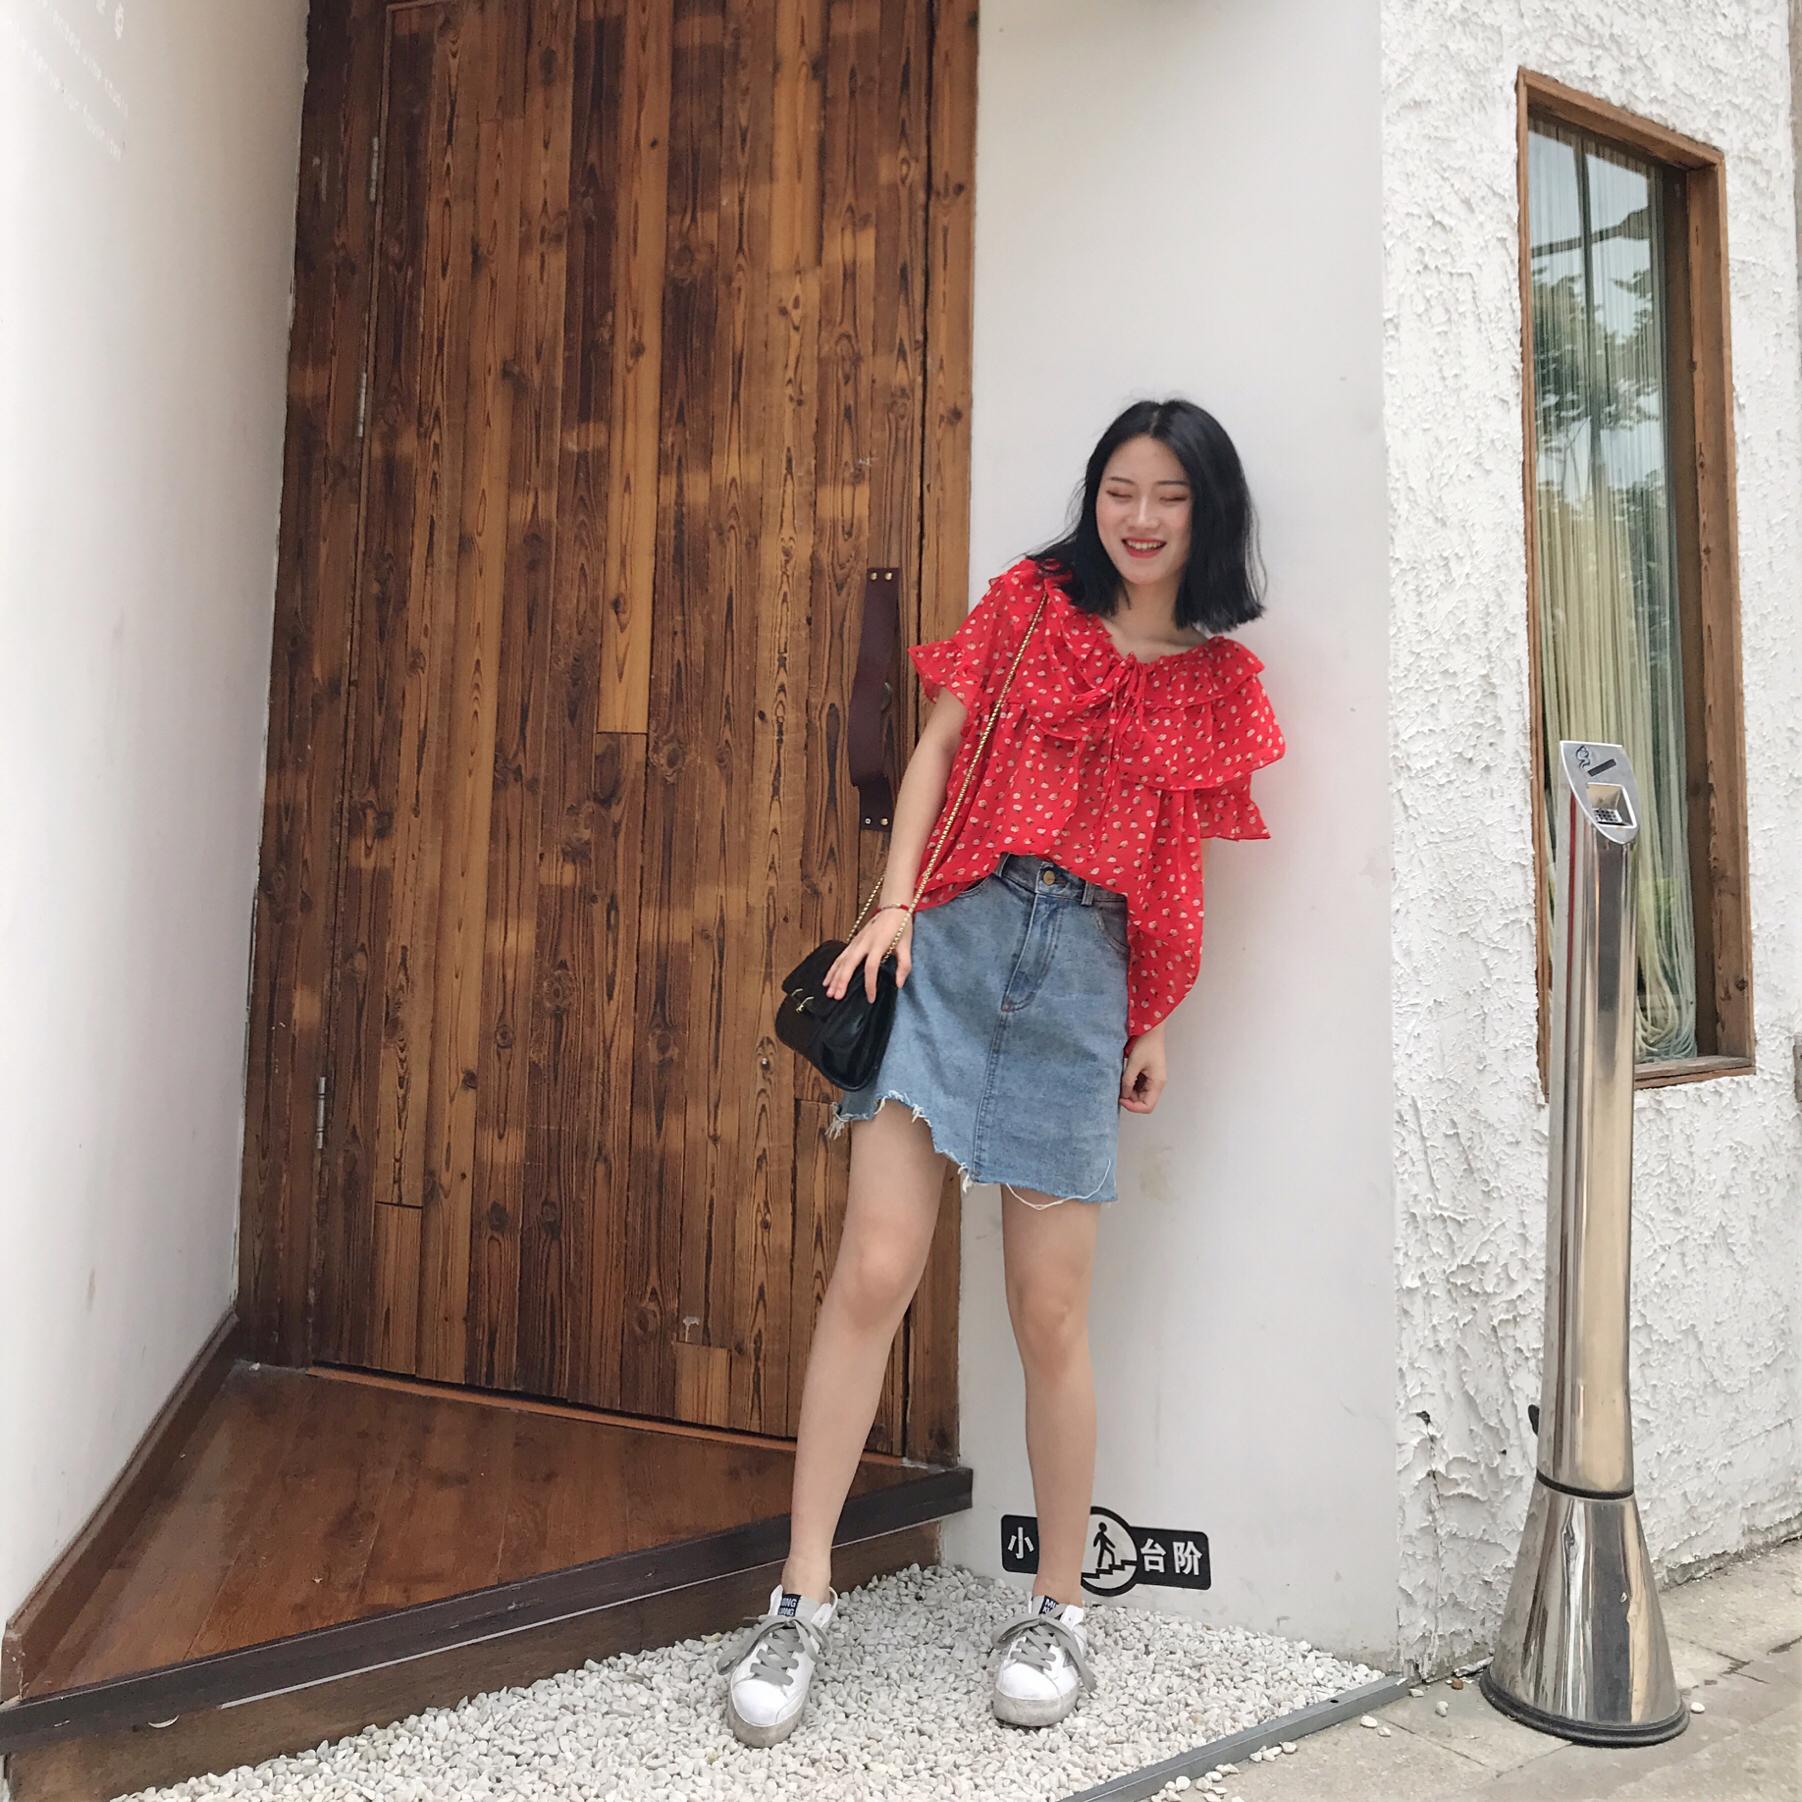 #夏日水果色上身,我超甜# 红色碎花雪纺上衣+牛仔半身裙 这件上衣也是比较偏轻款的 也可以做一字领穿着 也很好看了 雪纺料子也是很舒服